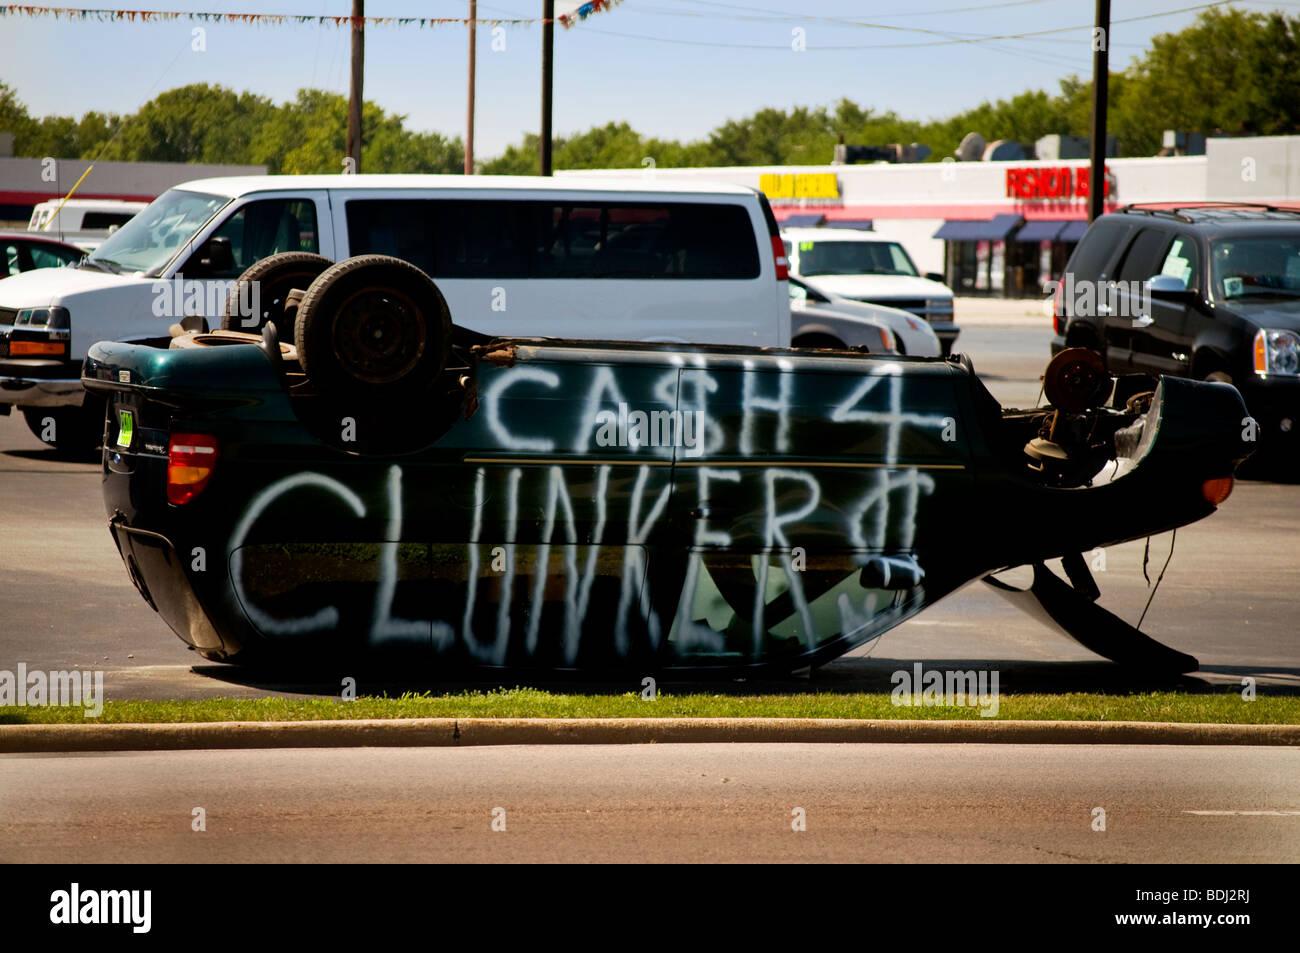 Publicidad firme el efectivo programa Clunkers Imagen De Stock